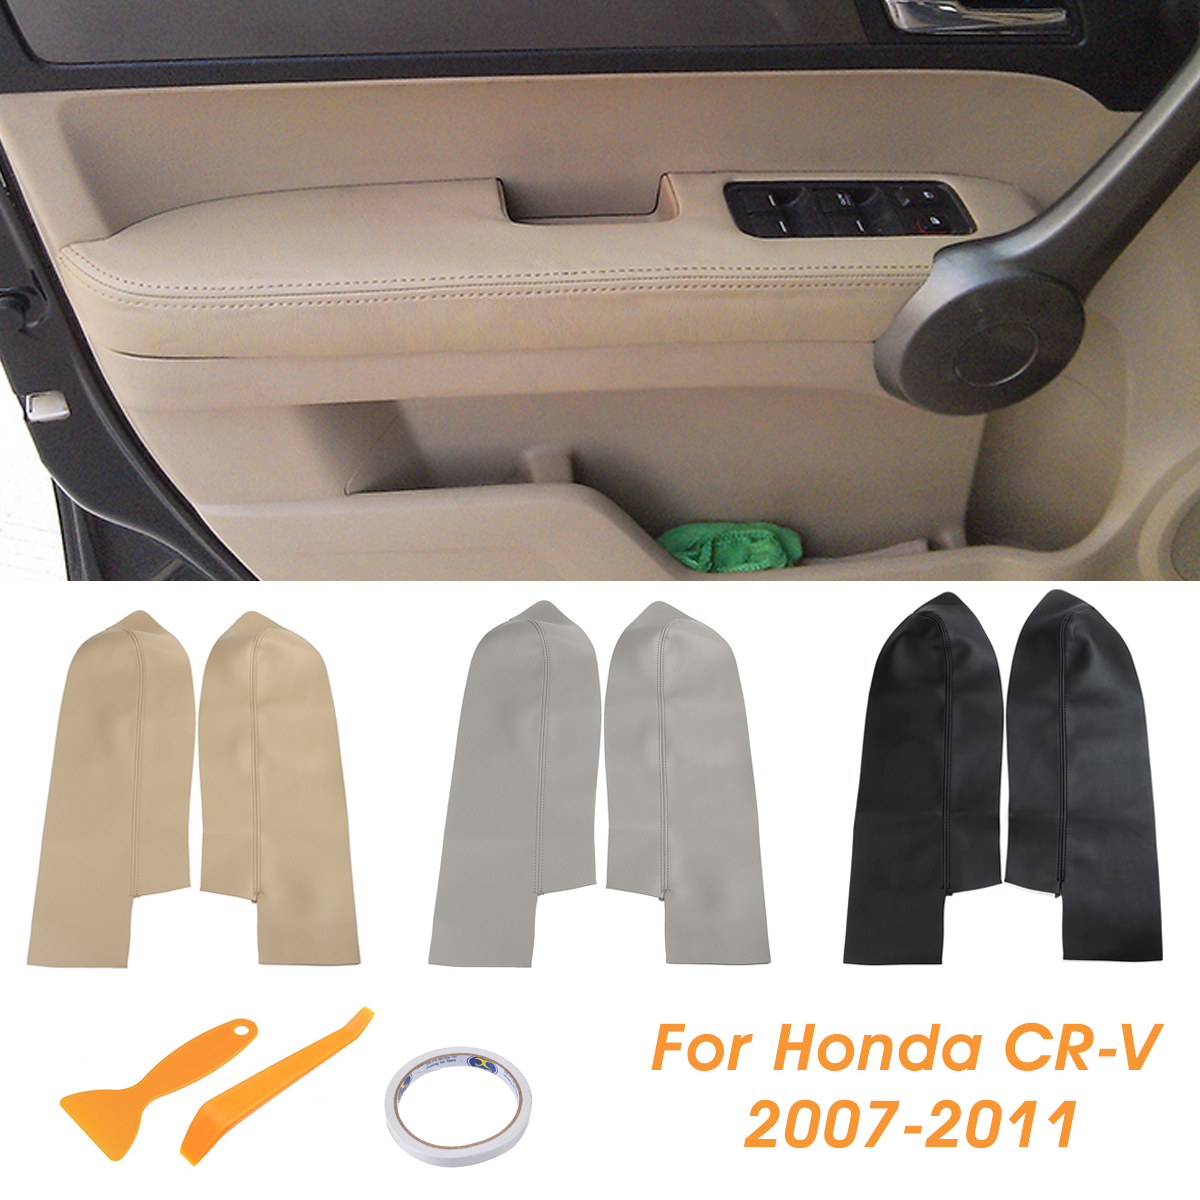 Пара автомобильных кожаных панелей передней двери подлокотник Крышка для Honda CRV 2007 2008 2009 2010 2011 2012 черный/бежевый/серый